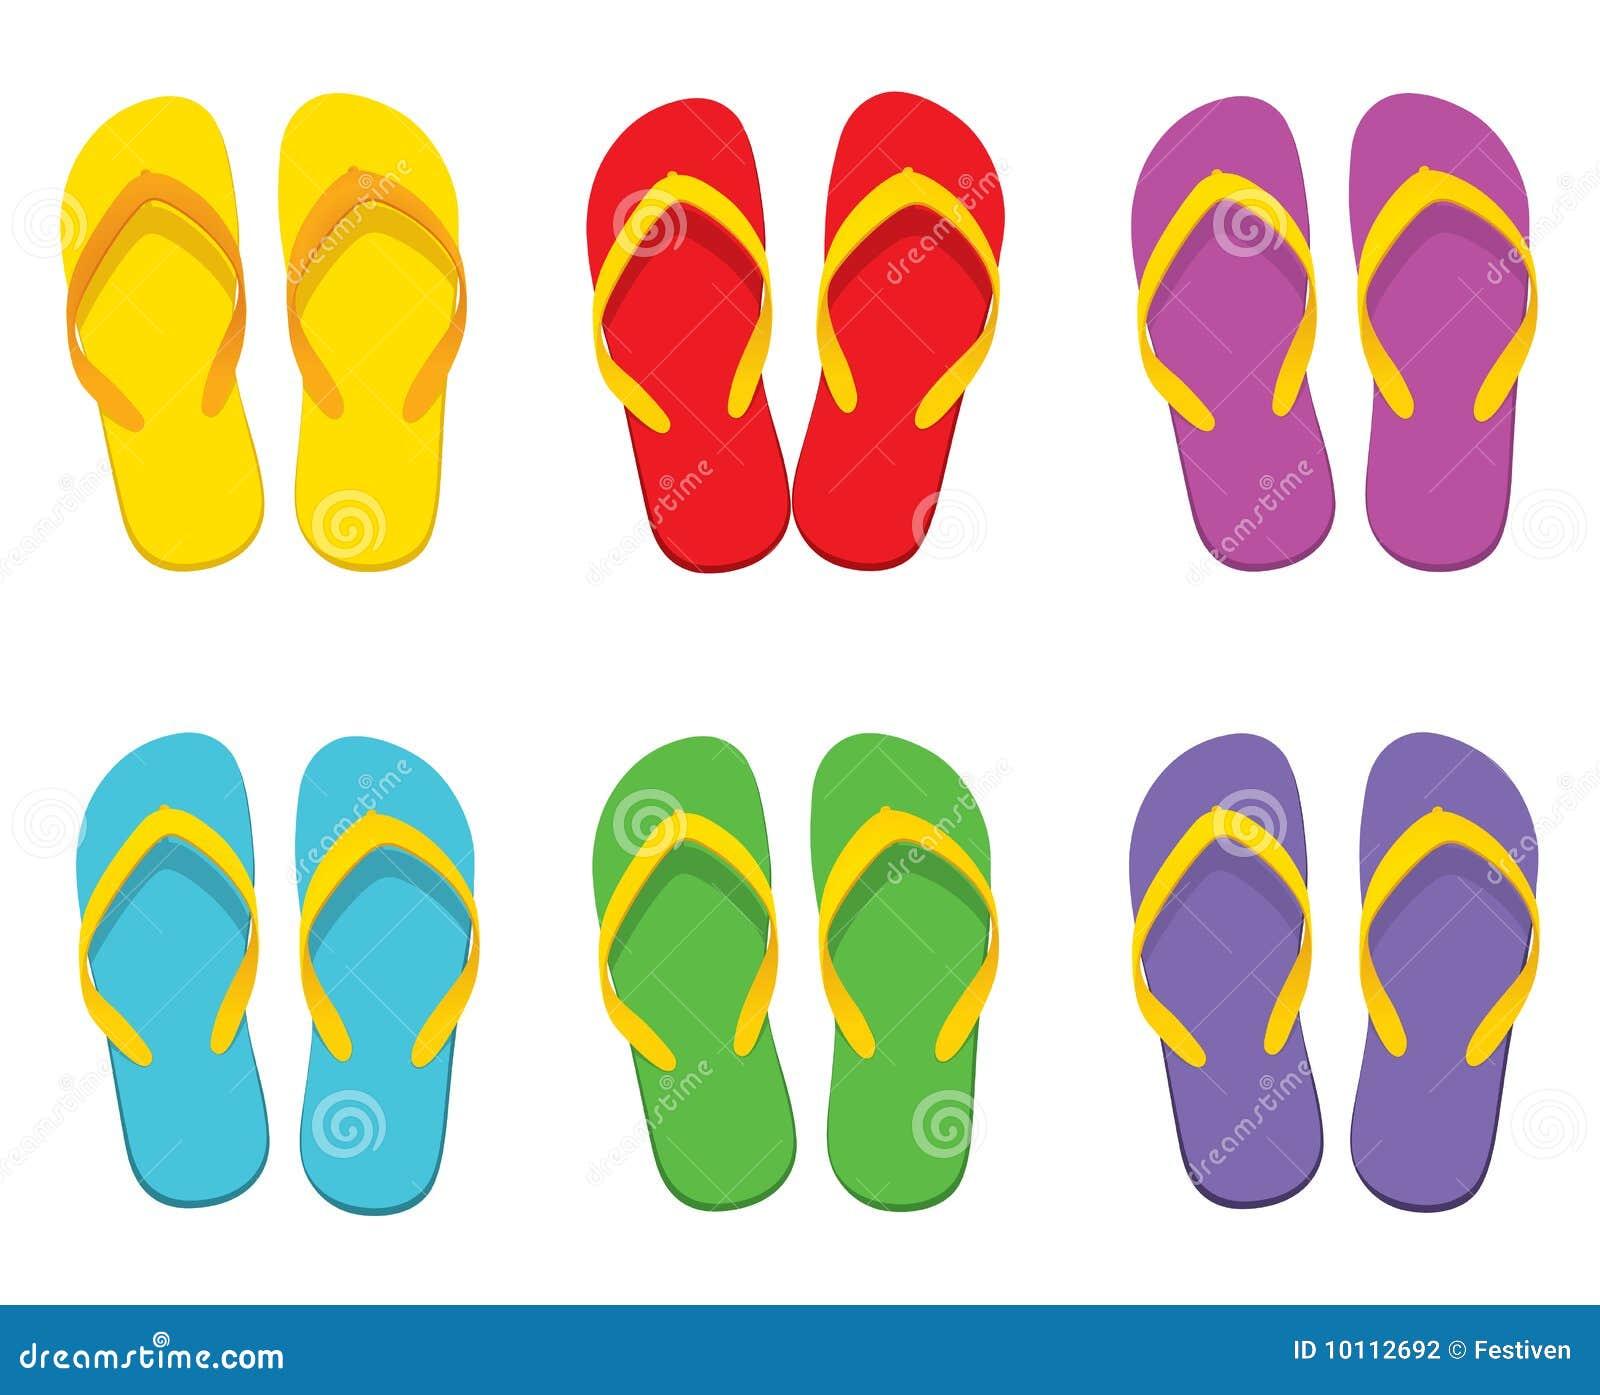 Conjunto del flip-flop ilustración del vector. Ilustración de multi ...